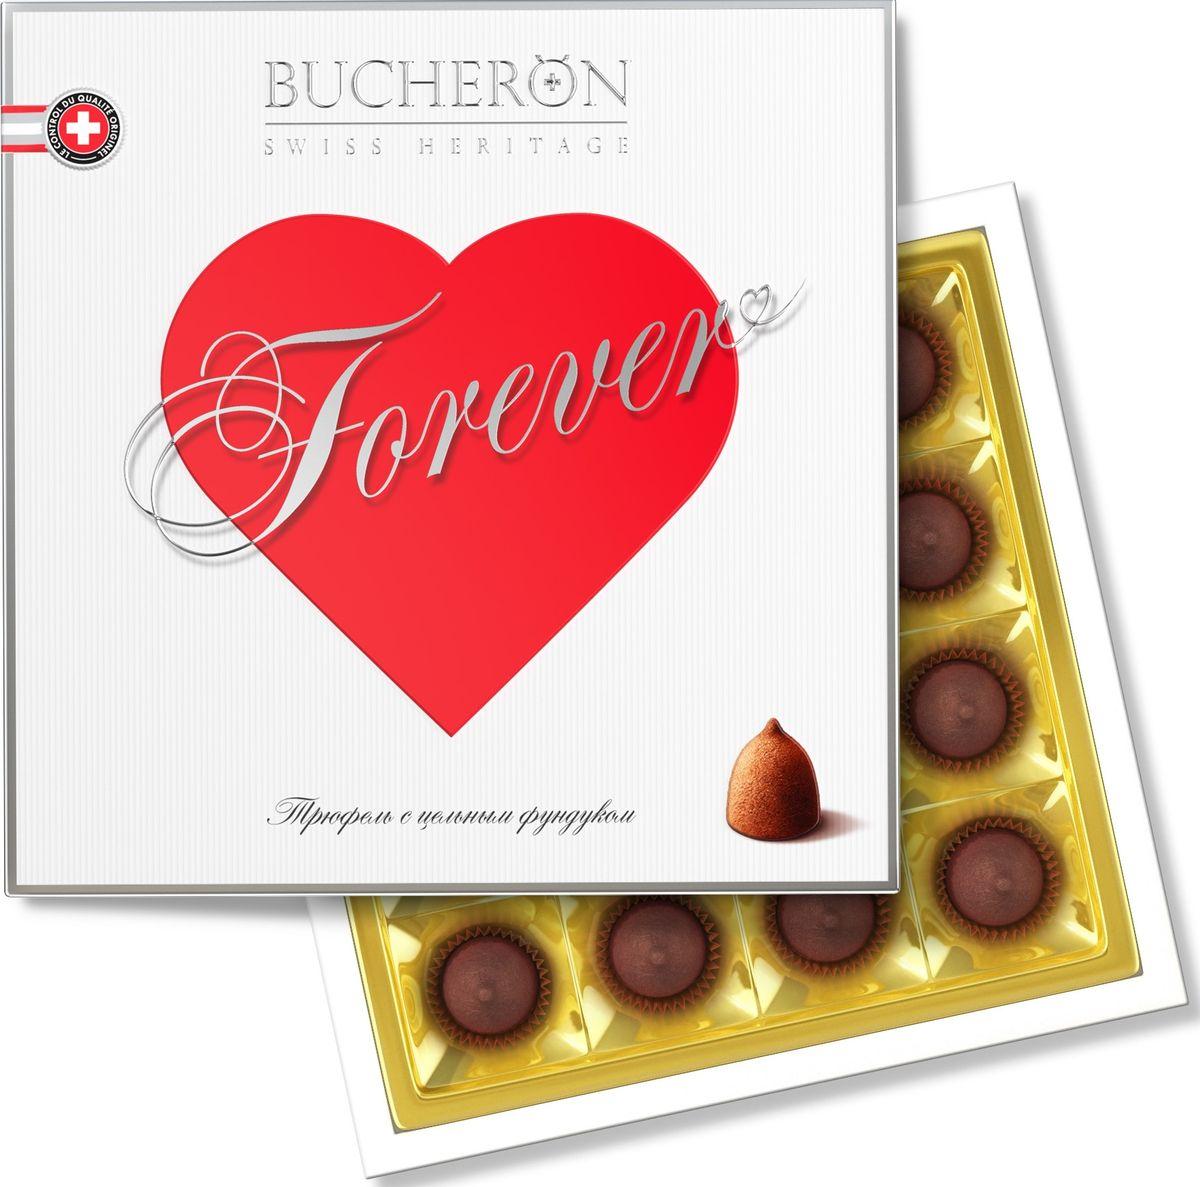 Bucheron трюфель с цельным фундуком, 225 г16.5855Сочетание изысканного шоколада из африканских какао-бобов с цельными ядрами фундука, выросшего в солнечной итальянской провинции Новара.